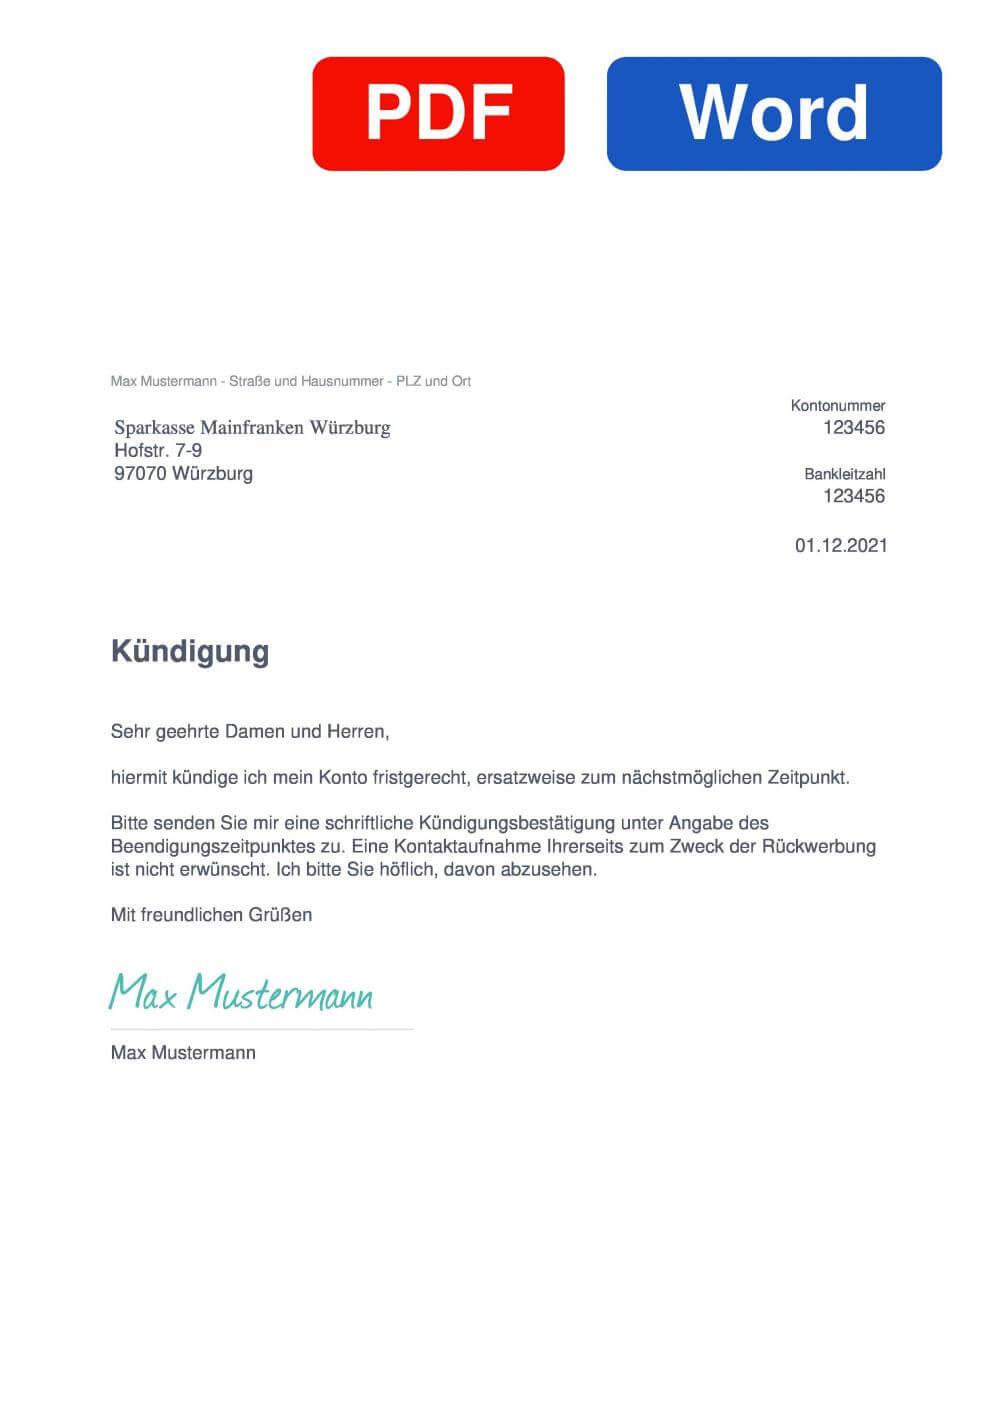 Sparkasse Mainfranken Würzburg Muster Vorlage für Kündigungsschreiben